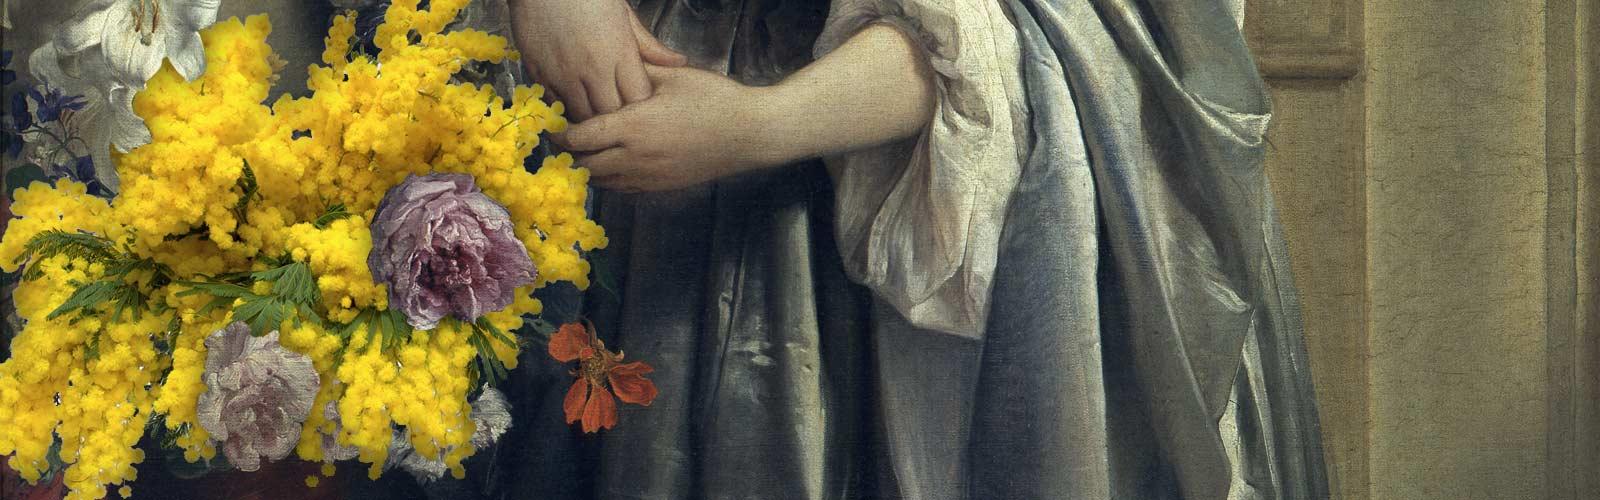 8 marzo. In Pinacoteca ingresso gratuito per tutte le donne!